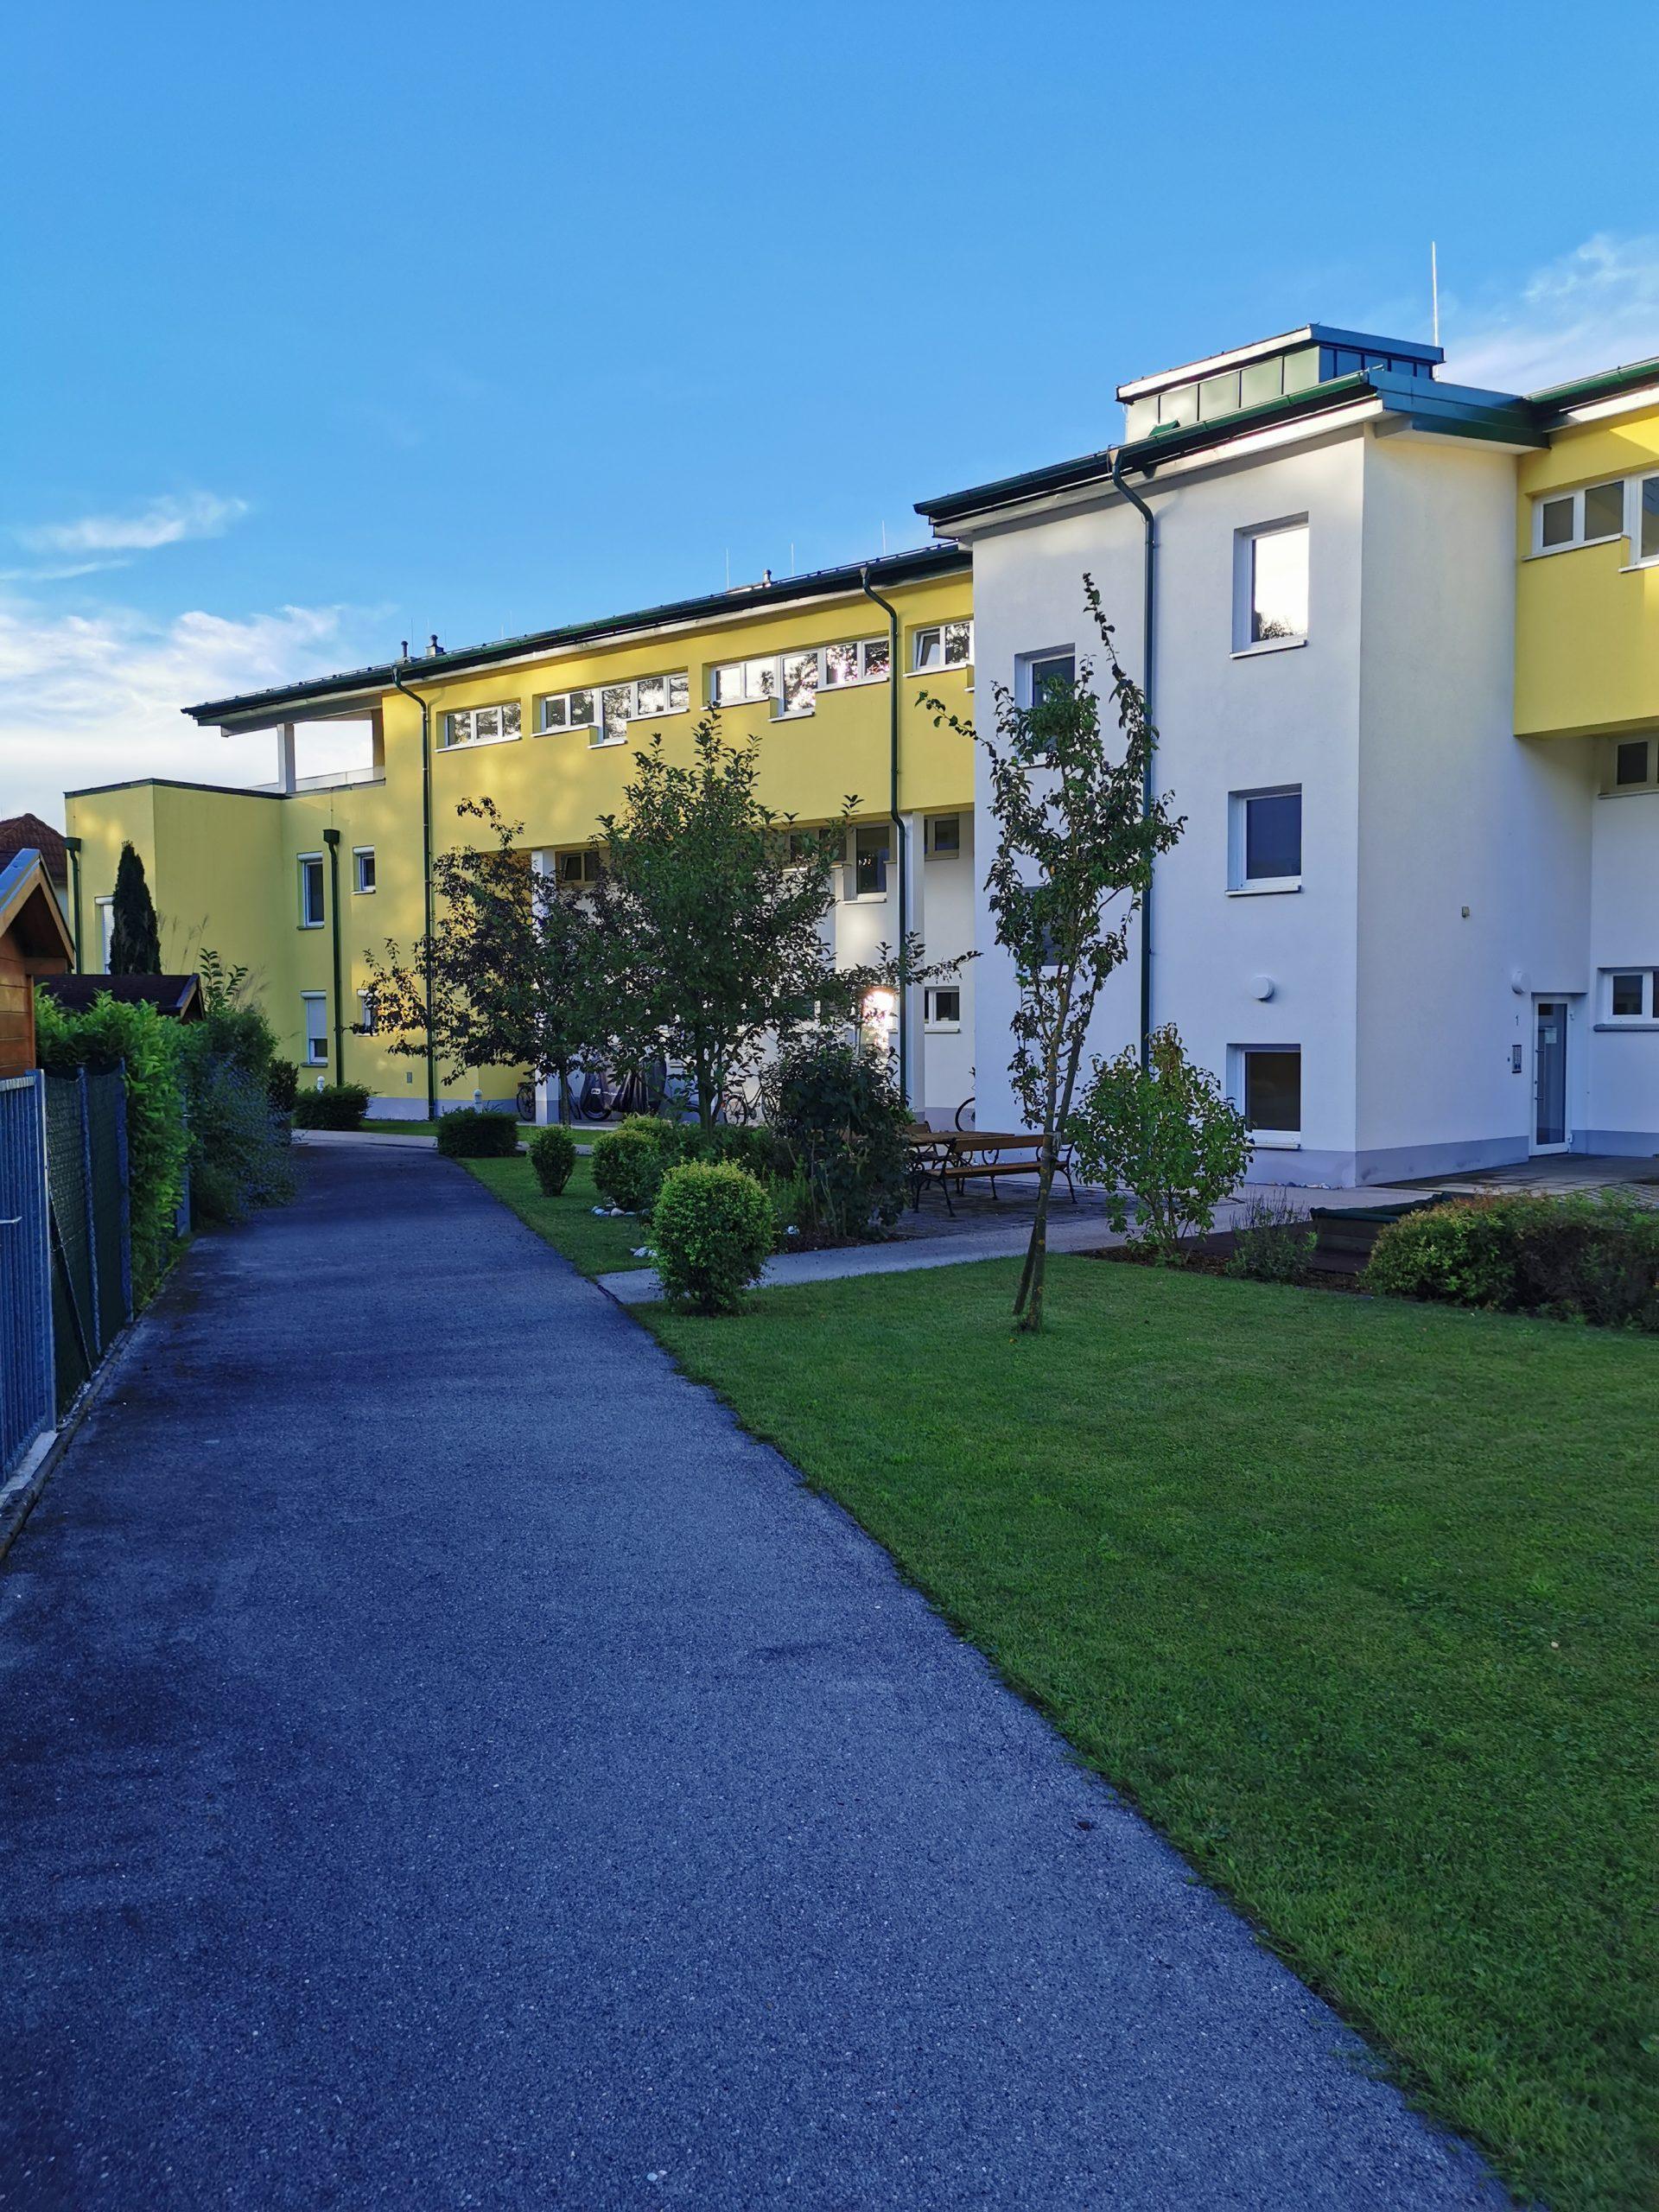 Immobilie von Kamptal in 3701 Großweikersdorf, Tulln, Großweikersdorf I/2 - Top 7 #9